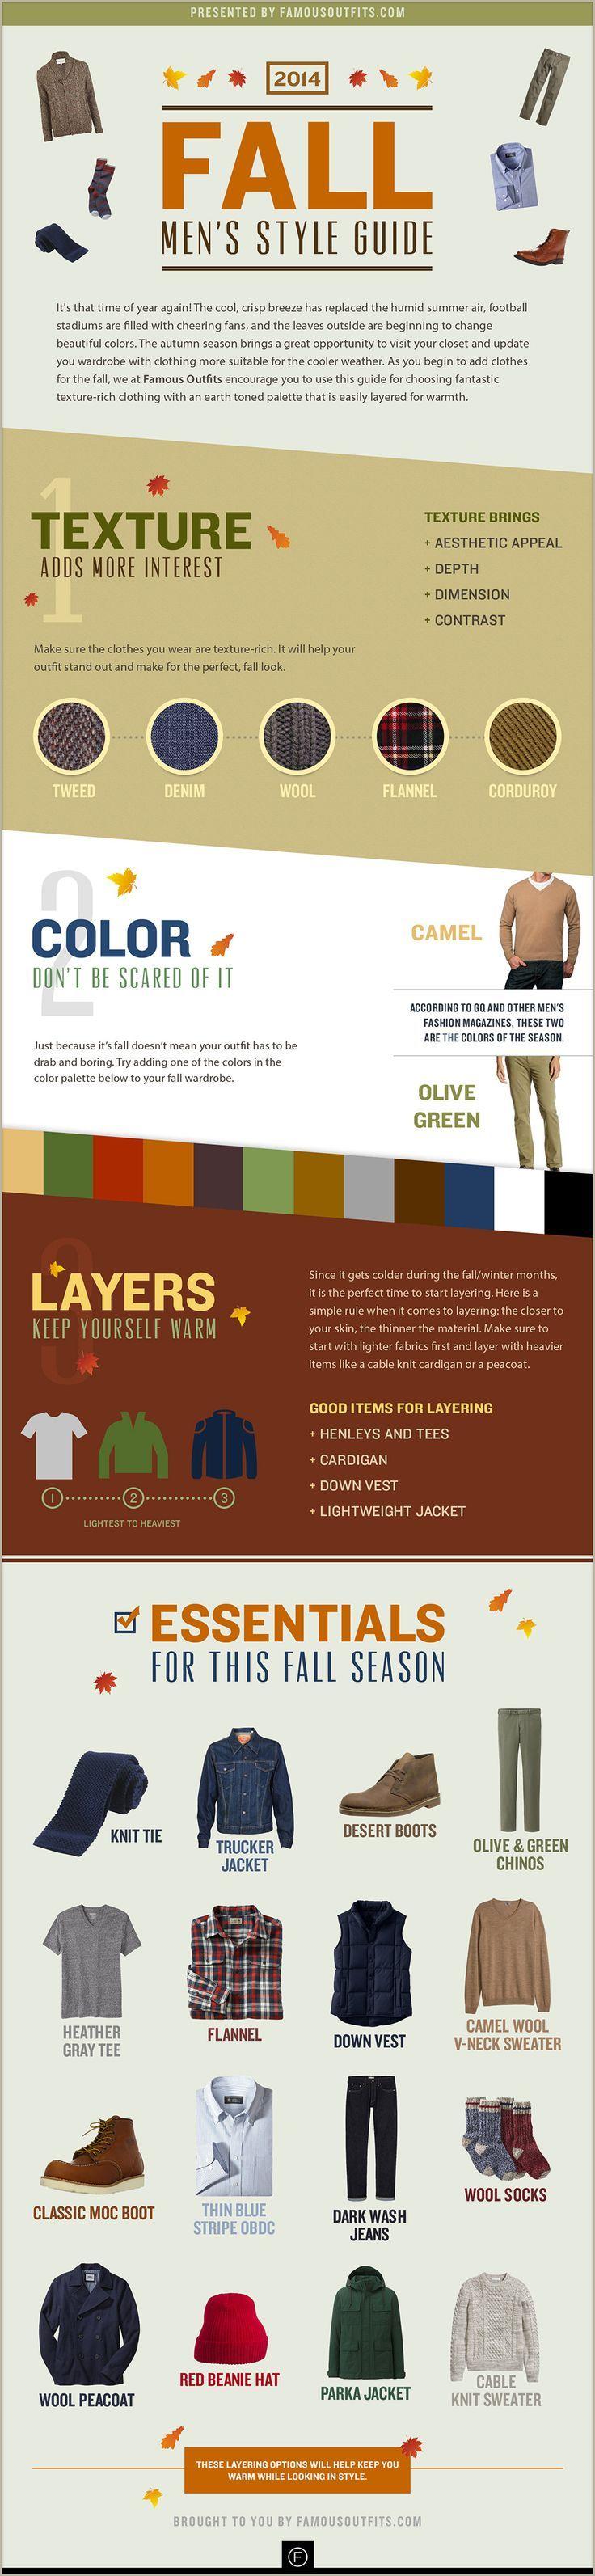 Fall 2014 Men 39 S Fashion Style Guide Men 39 S Fashion Pinterest Fashion Style Guide Mens Fall